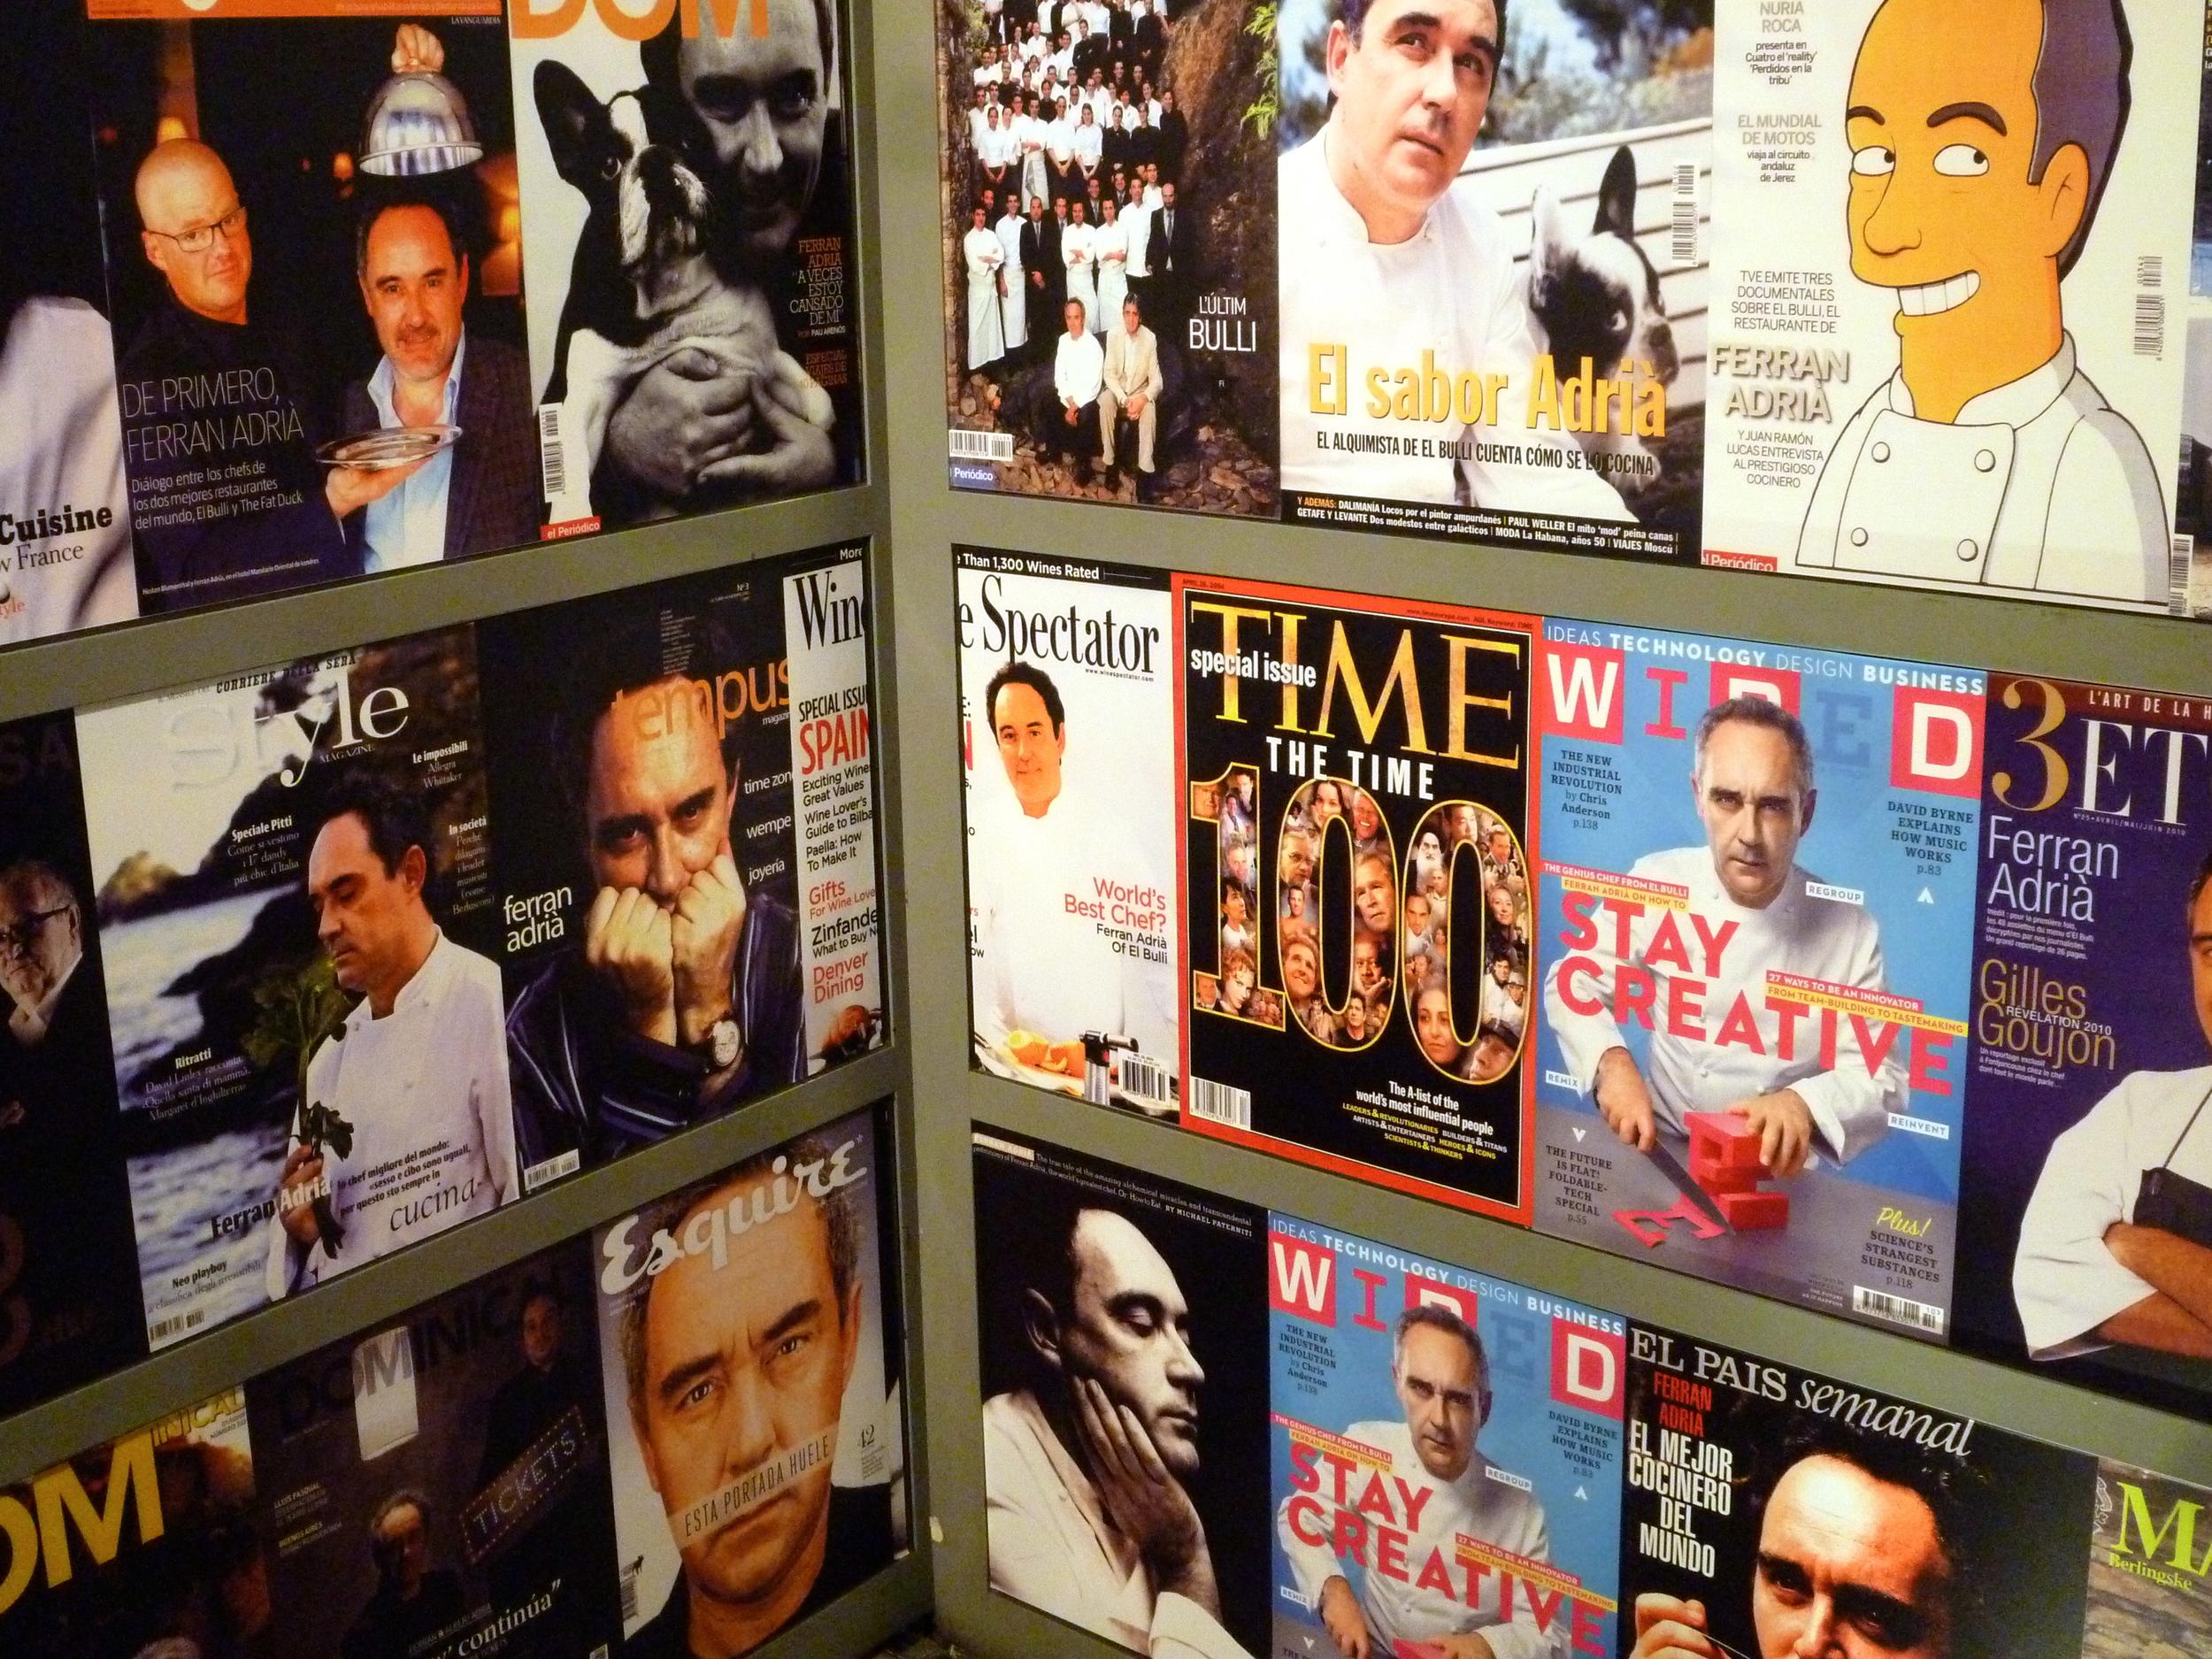 Ferran Adria: the ultimate celebrity chef